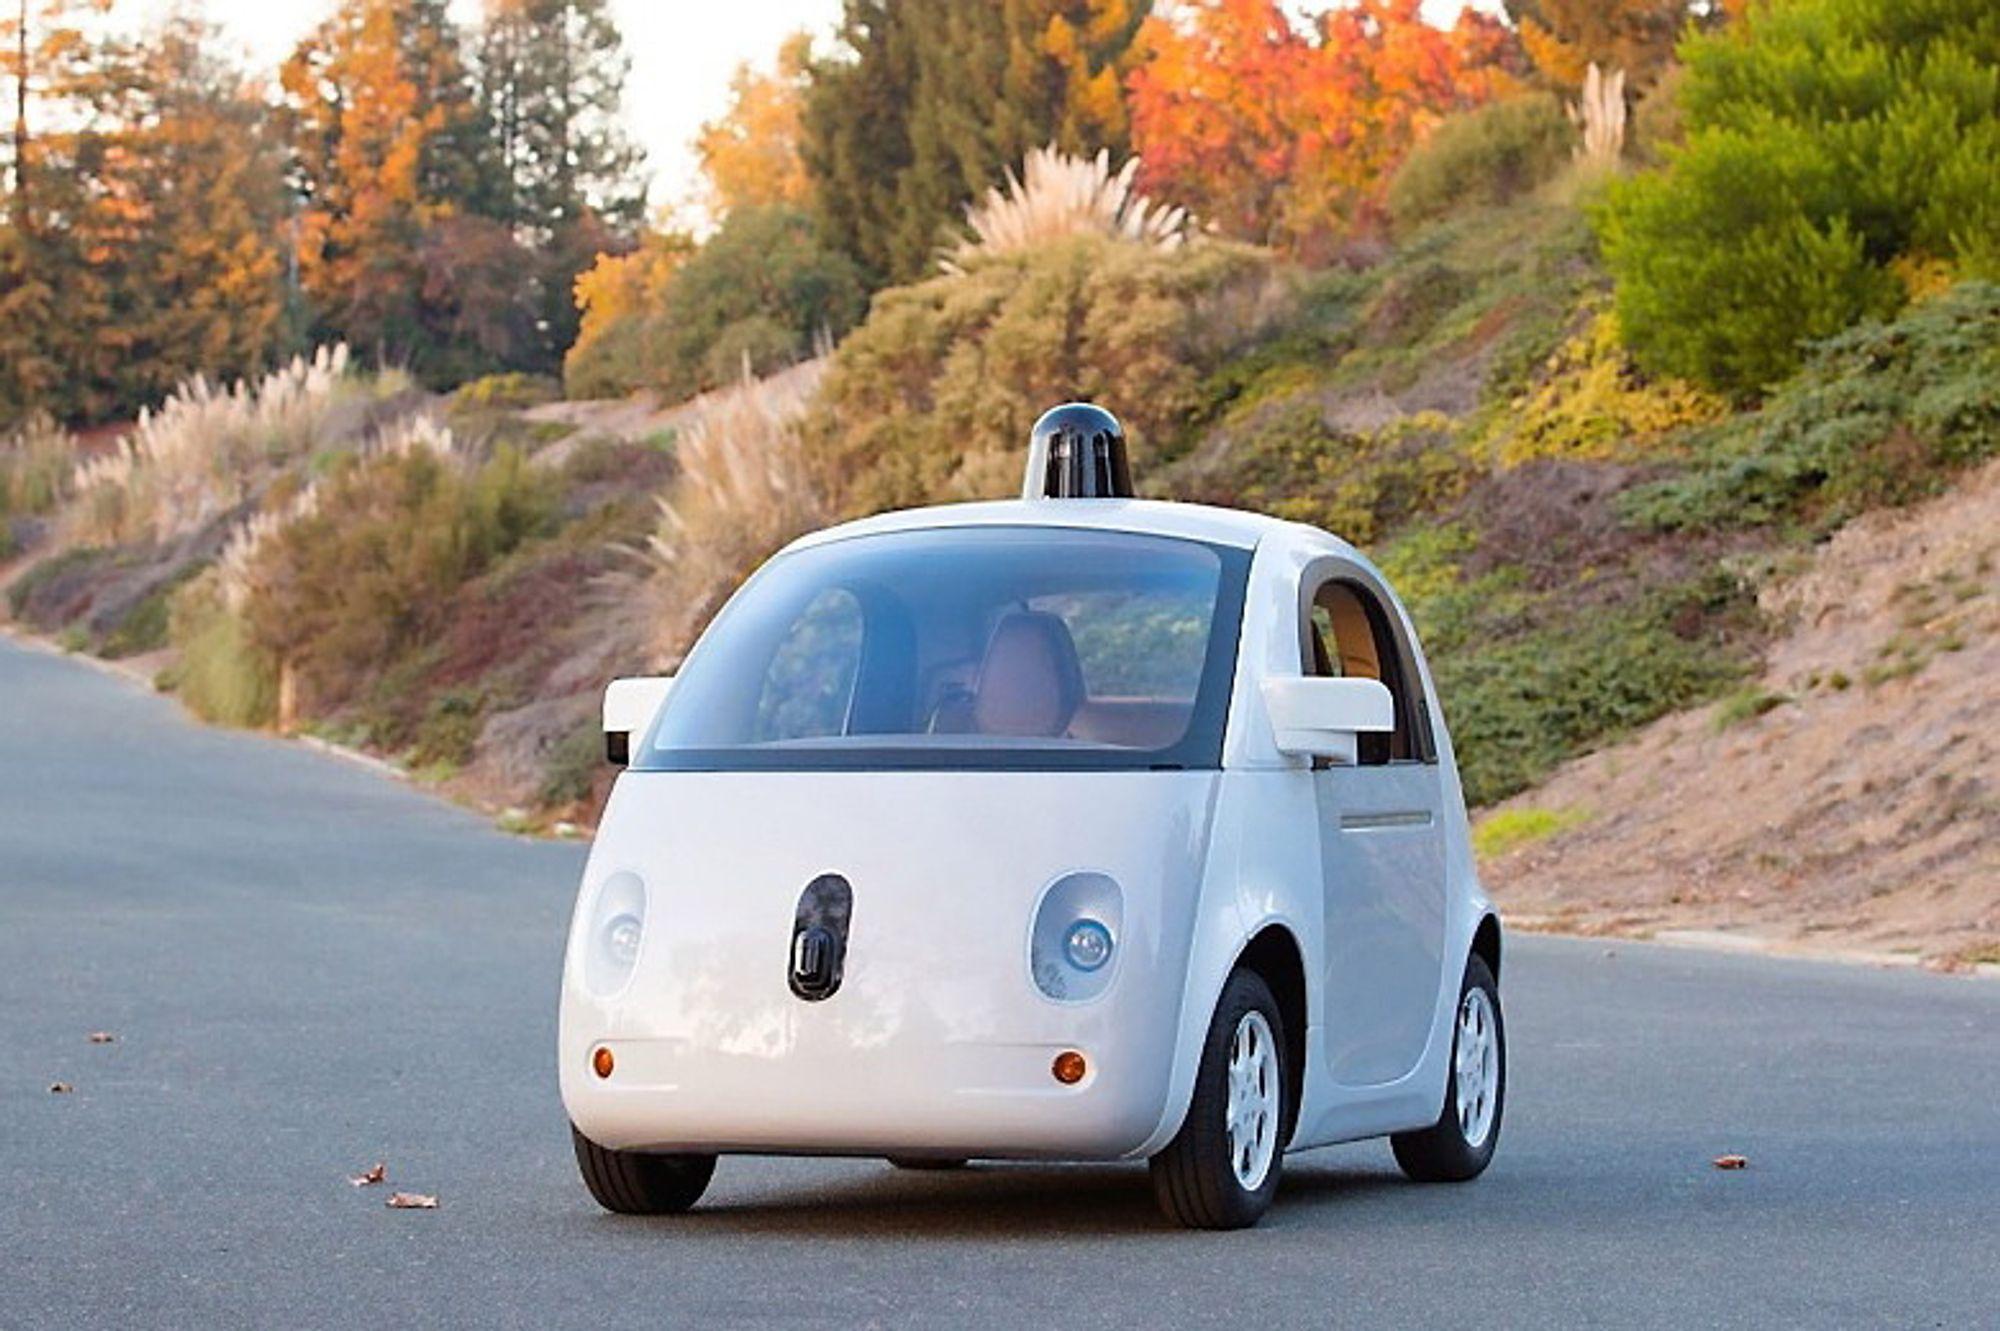 Prototyp på Googles selvkjørende bil.